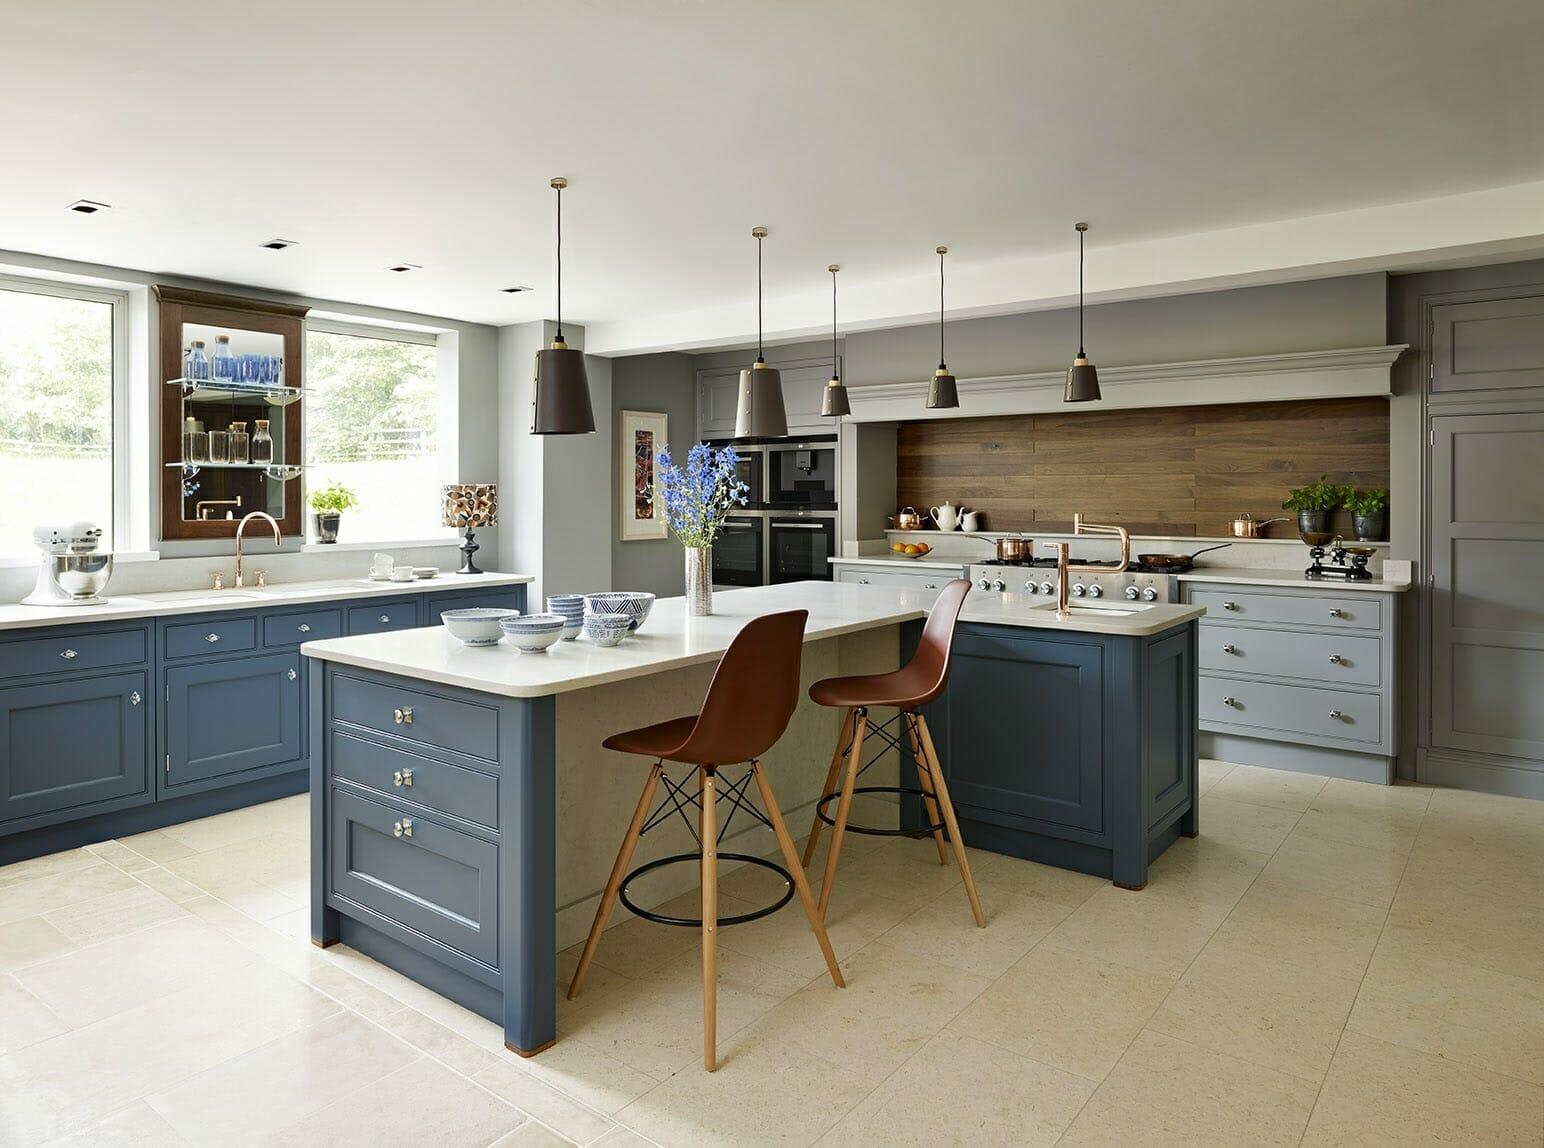 rustic kitchen design by decorilla designer mary l